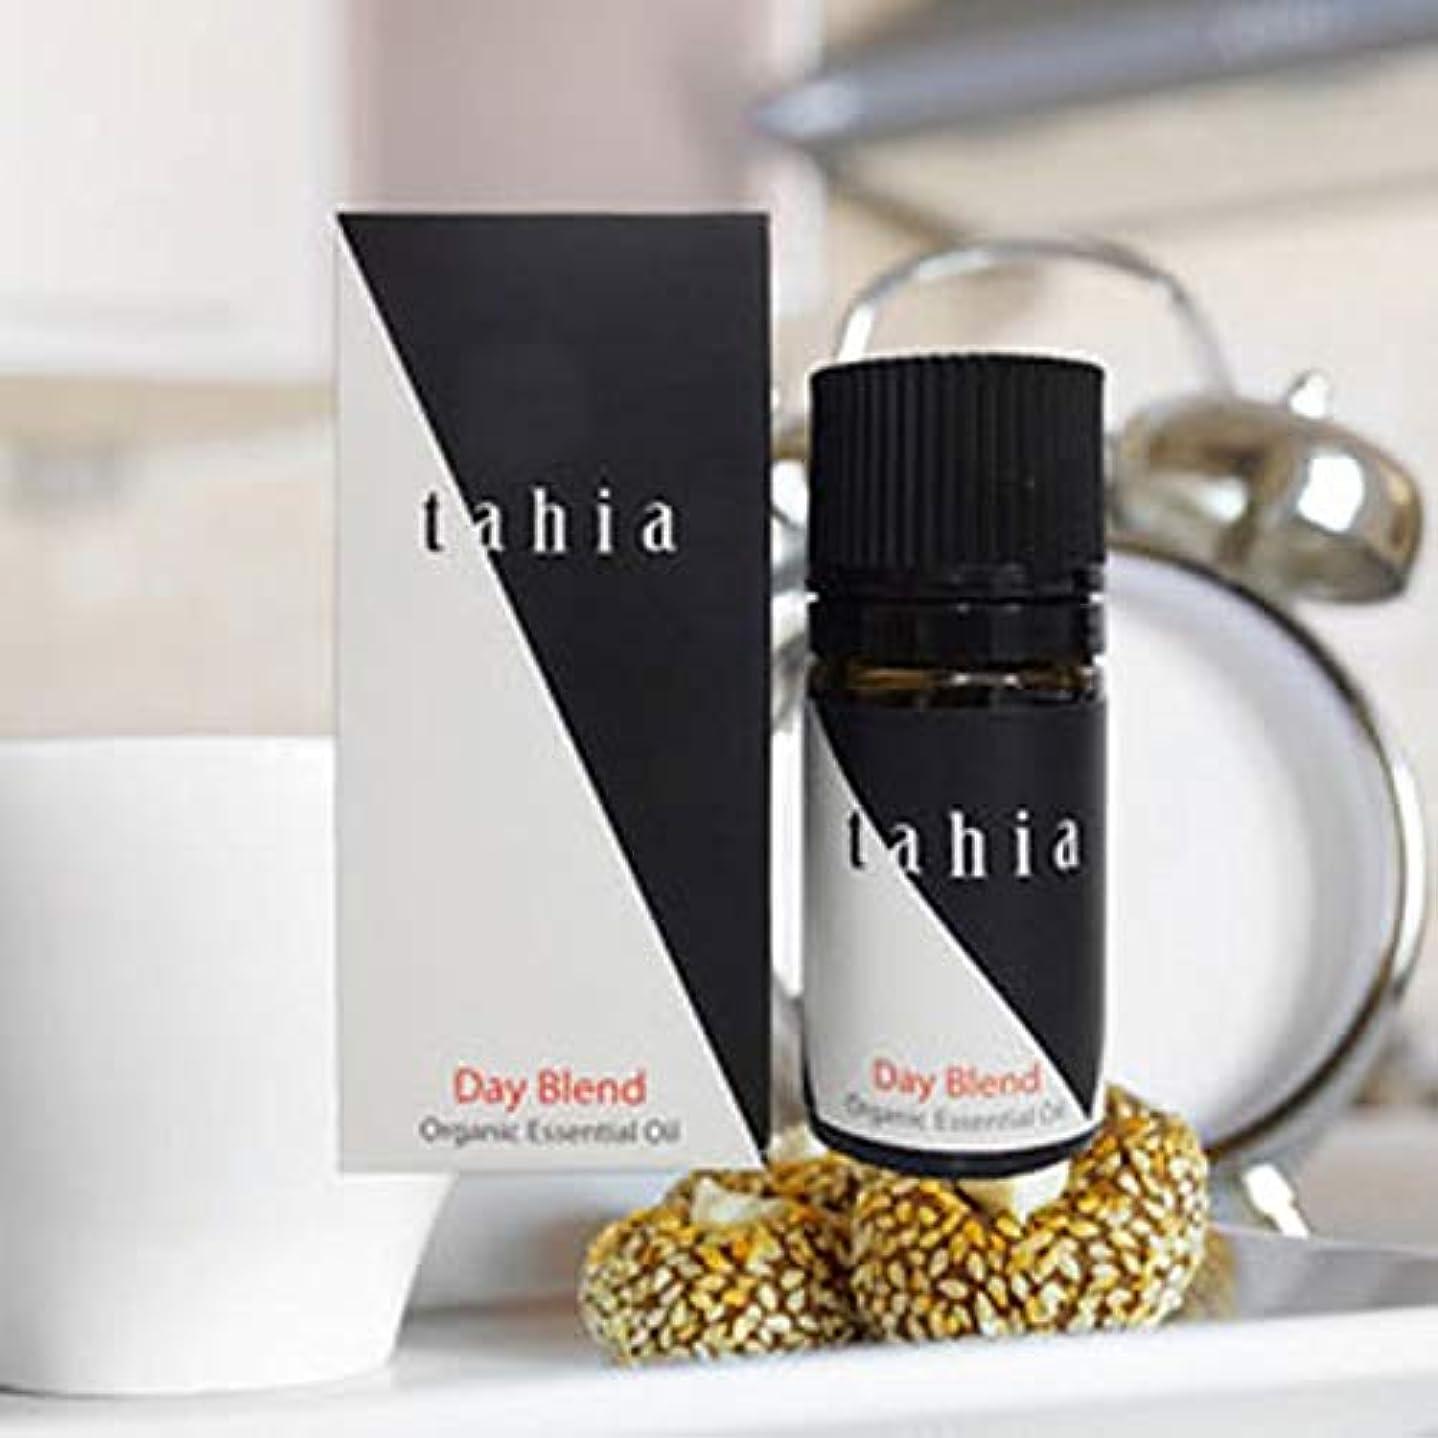 シャット年齢東ティモールタツフト タヒア tahia デイブレンド  エッセンシャルオイル オーガニック 芳香 精油